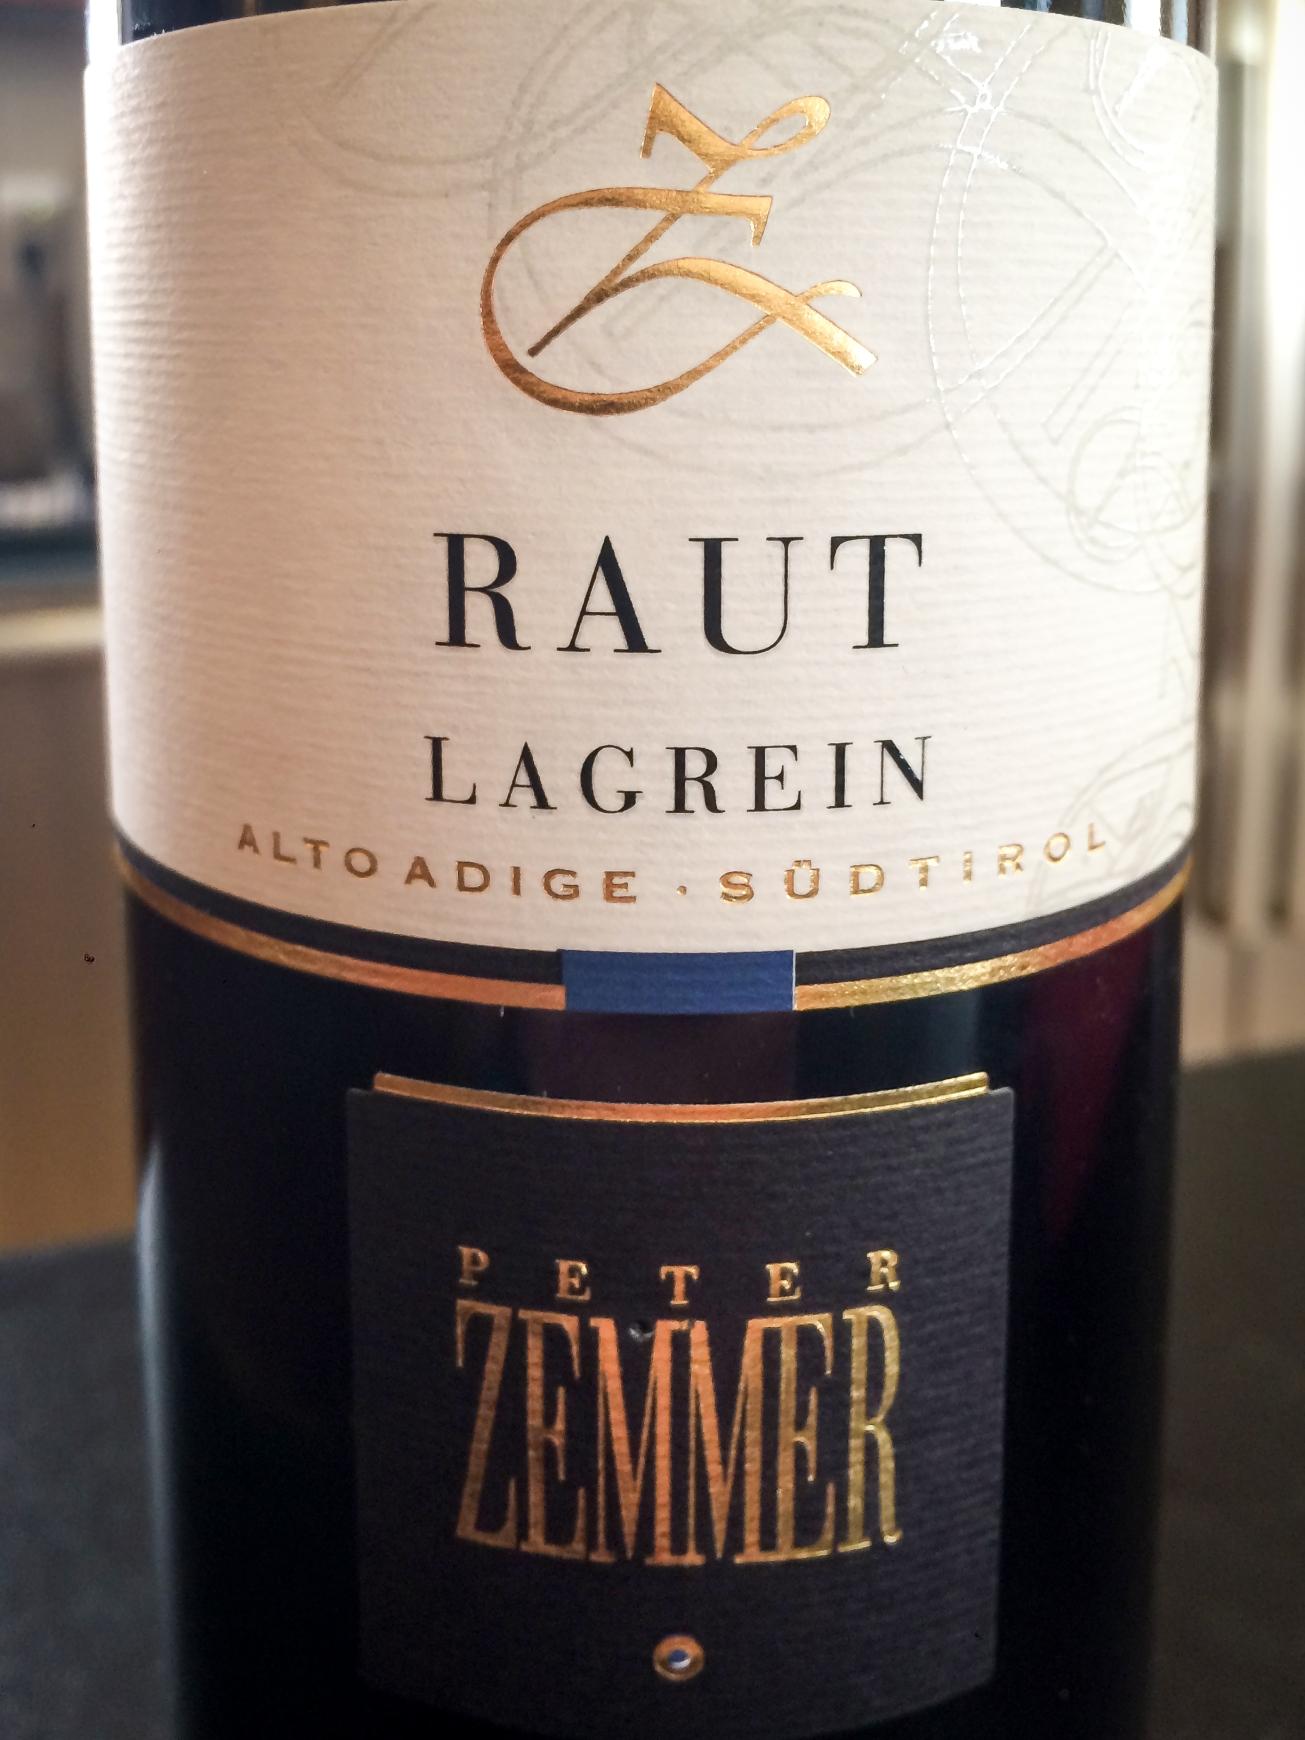 2012 Peter Zemmer Lagrein Raut